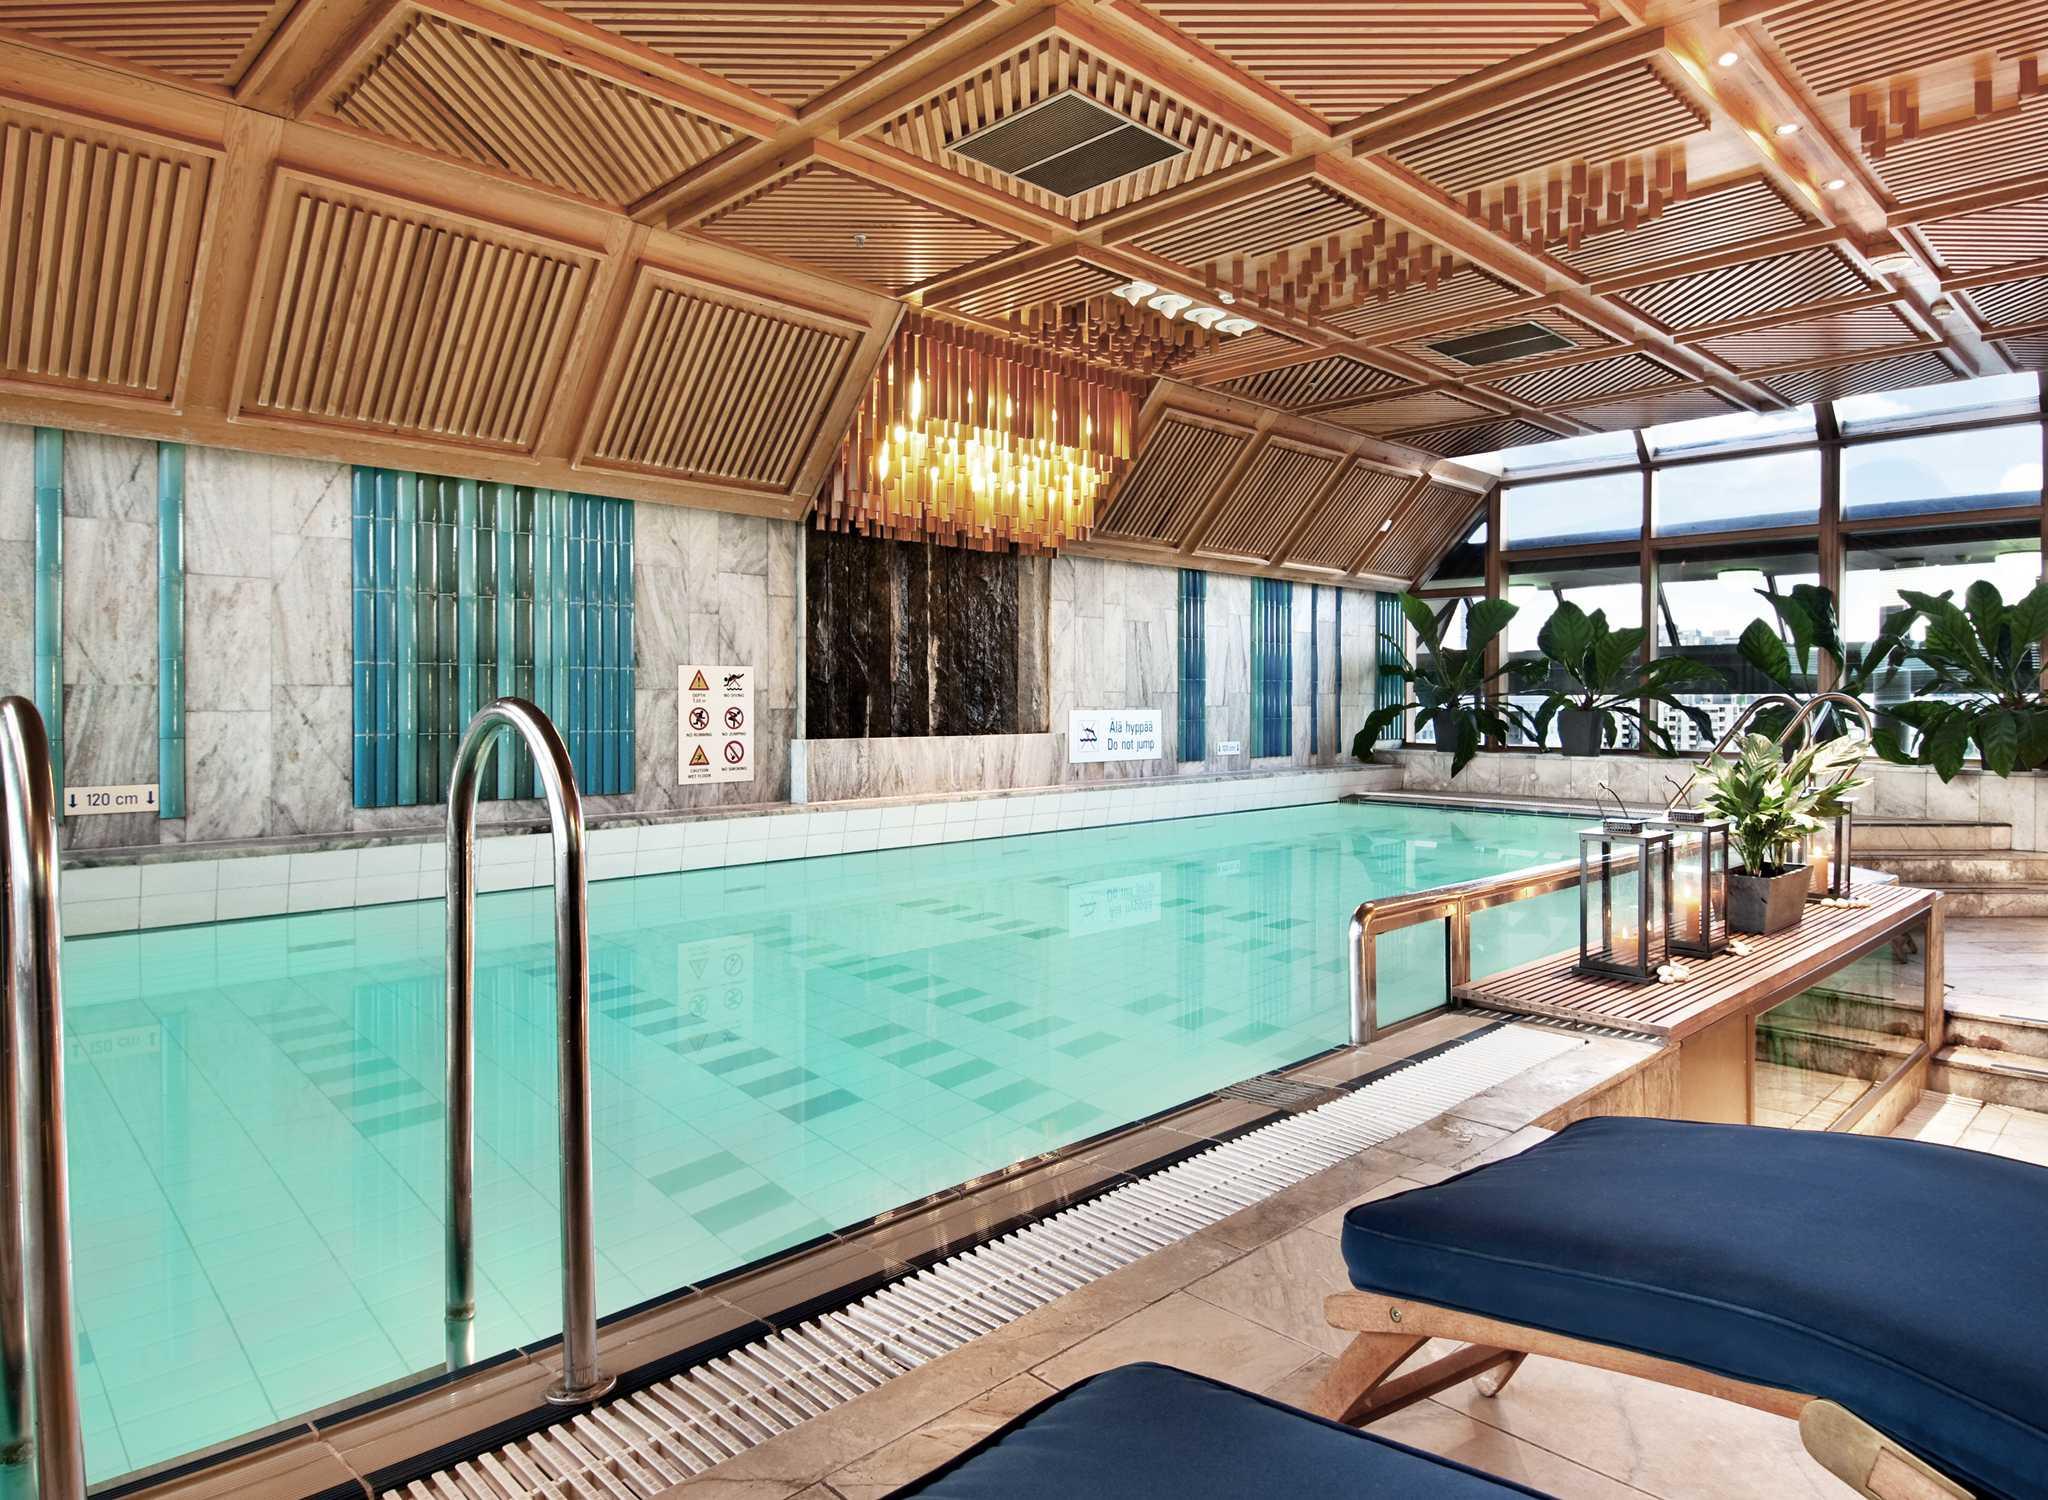 Hilton Strand Hotel Helsinki Finland